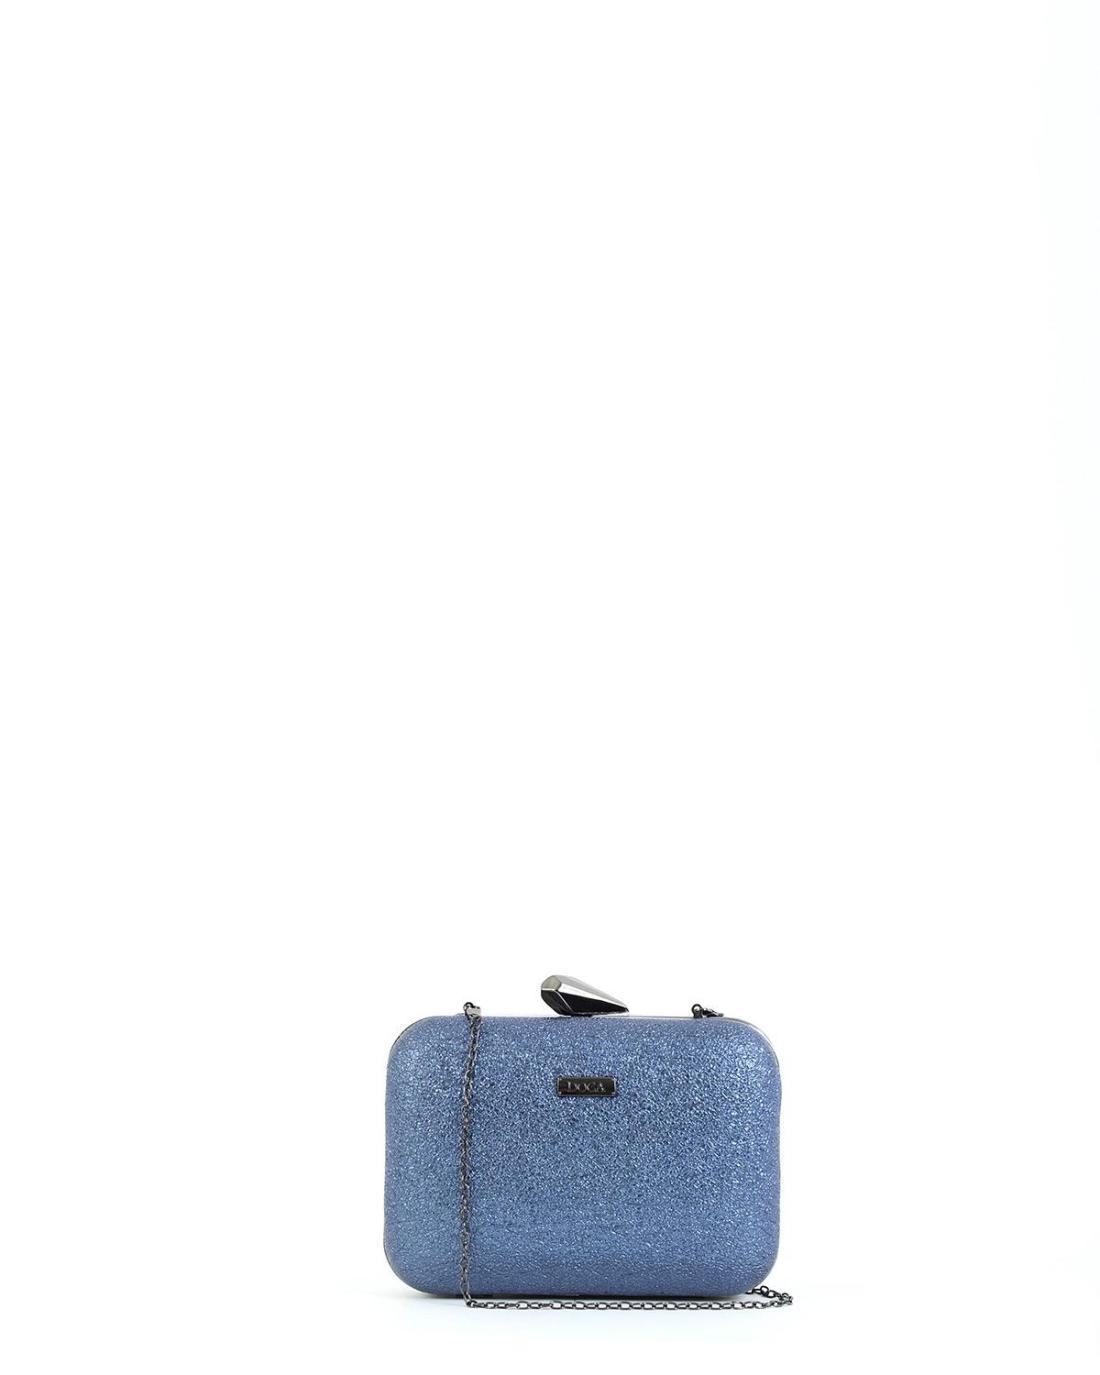 Βραδινό τσαντάκι clutch μπλε